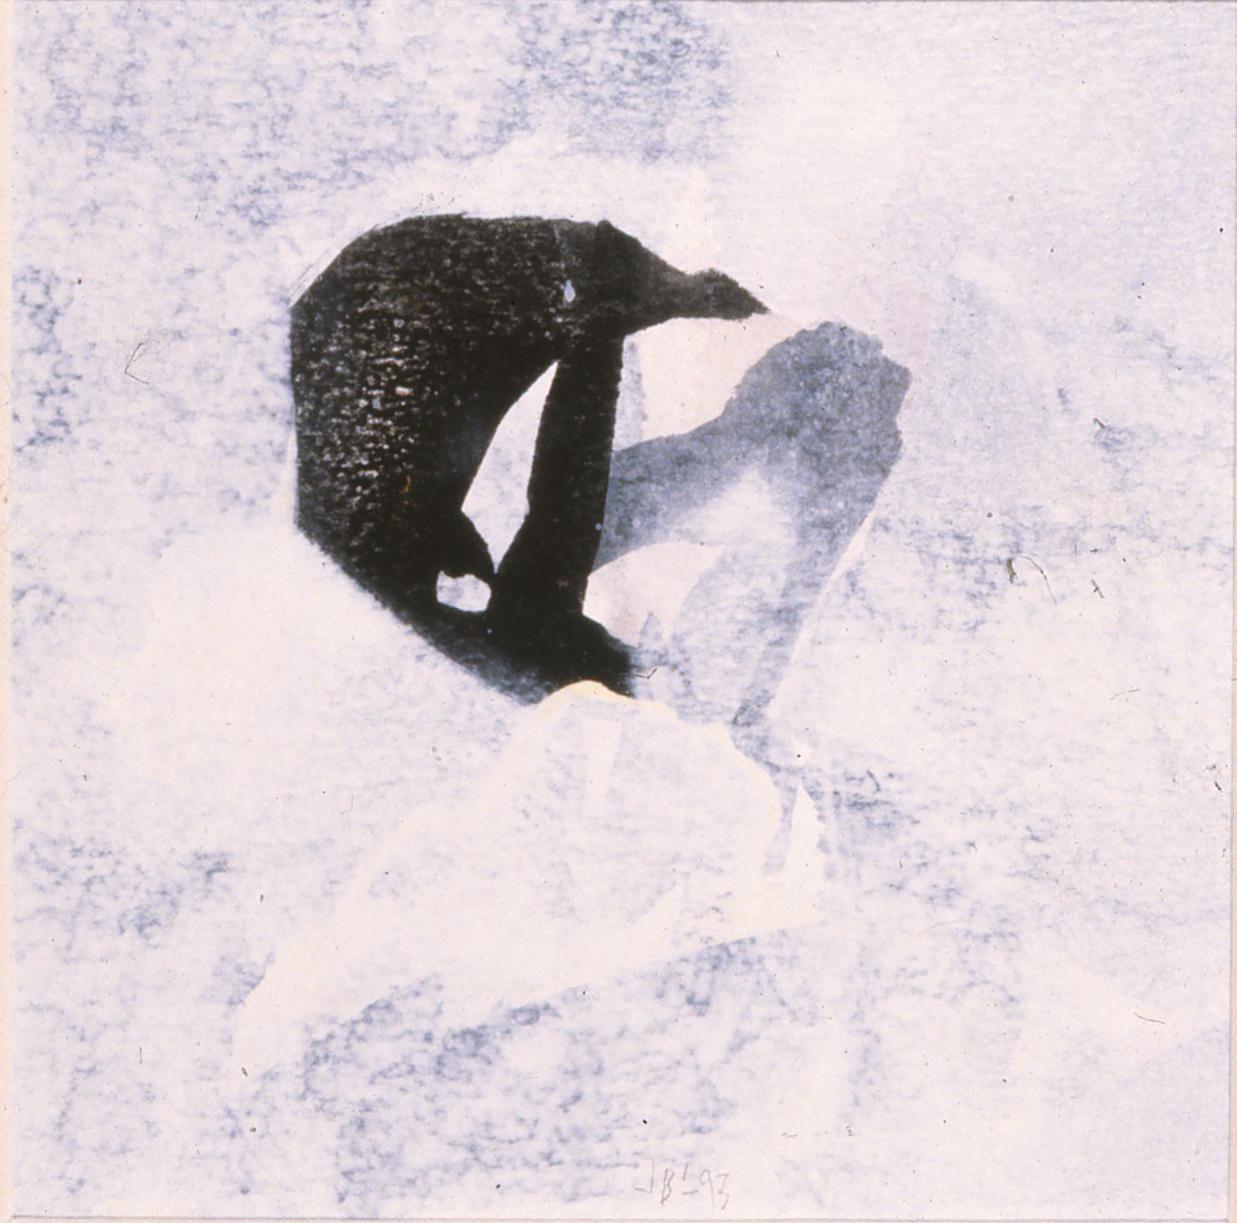 Adraga 2, 1993